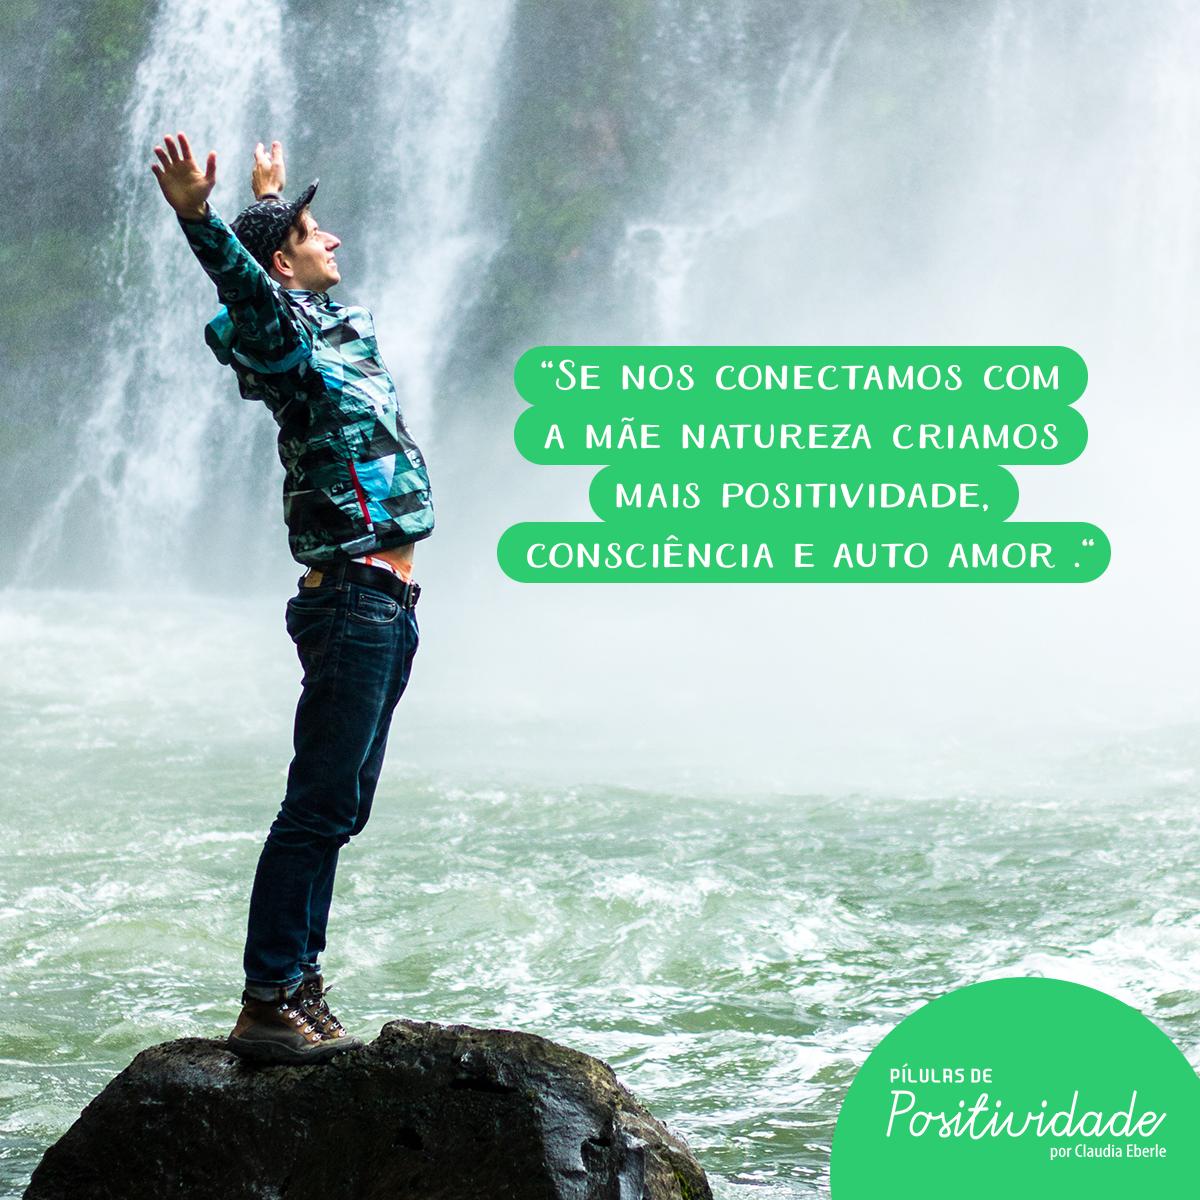 Se nos conectamos com a mãe natureza criamos mais positividade, consciência e auto amor